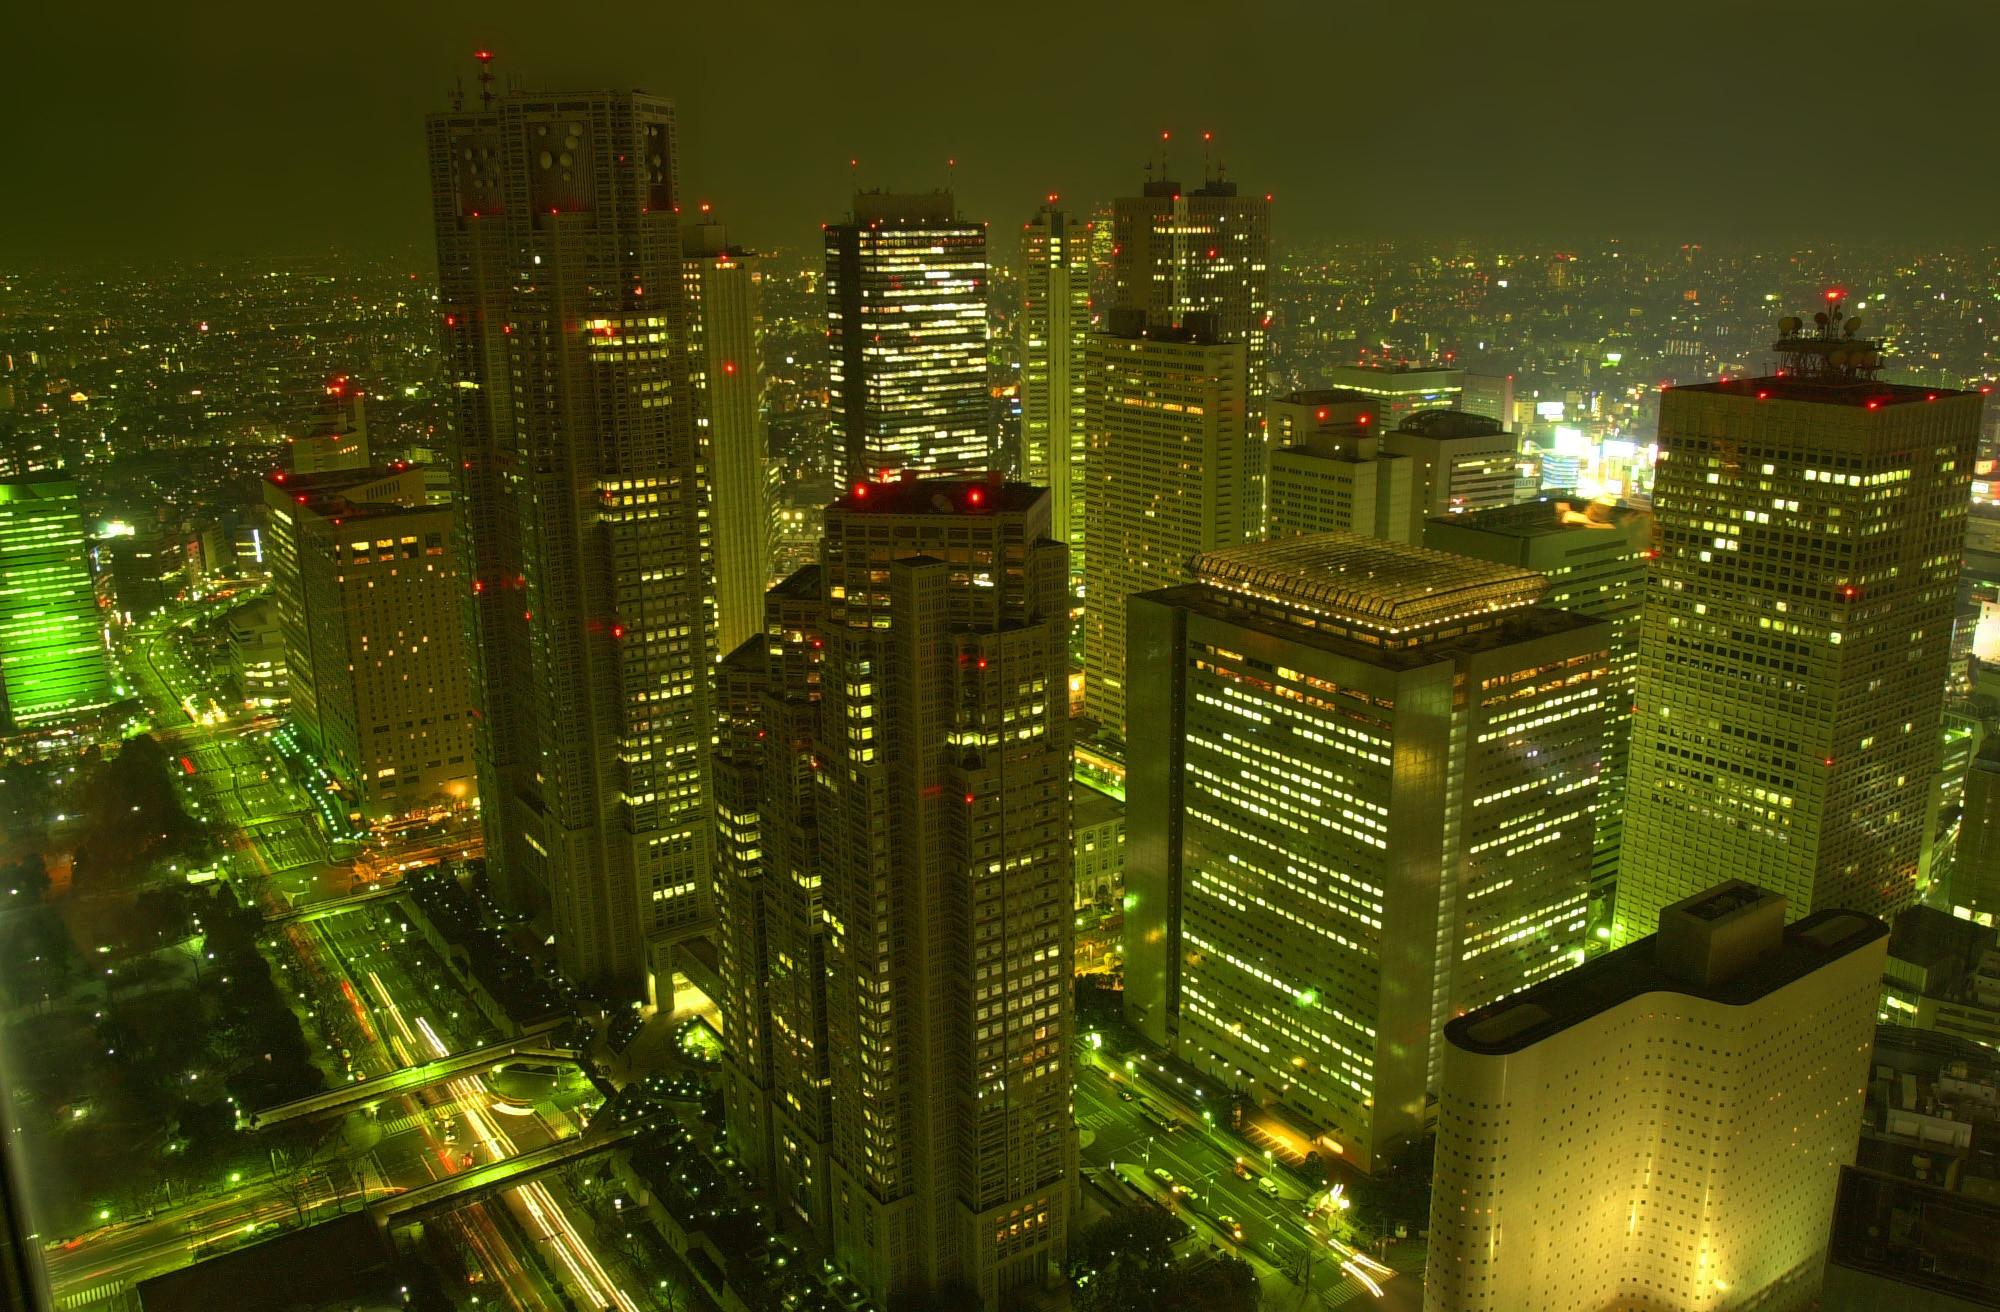 Tokyo at Night Wallpaper – WallpaperSafari